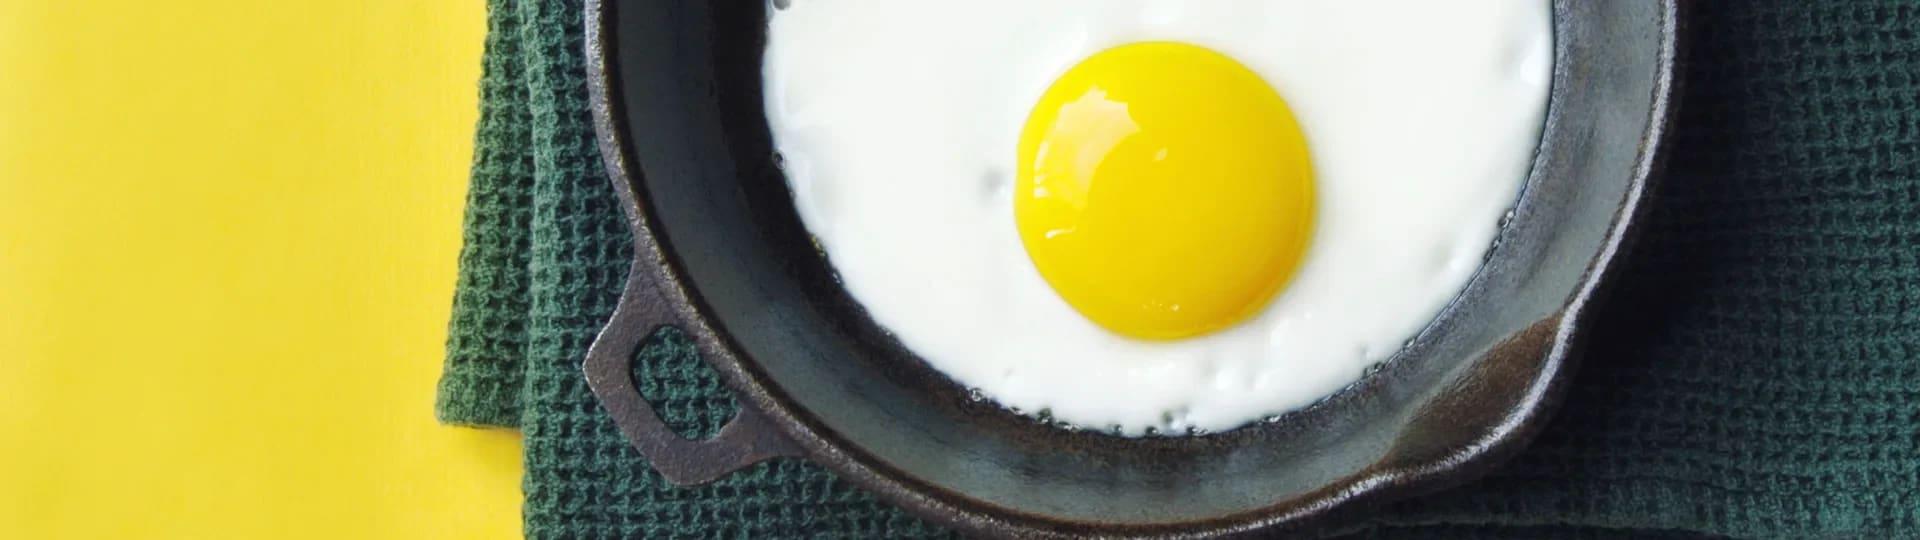 äta för mycket ägg